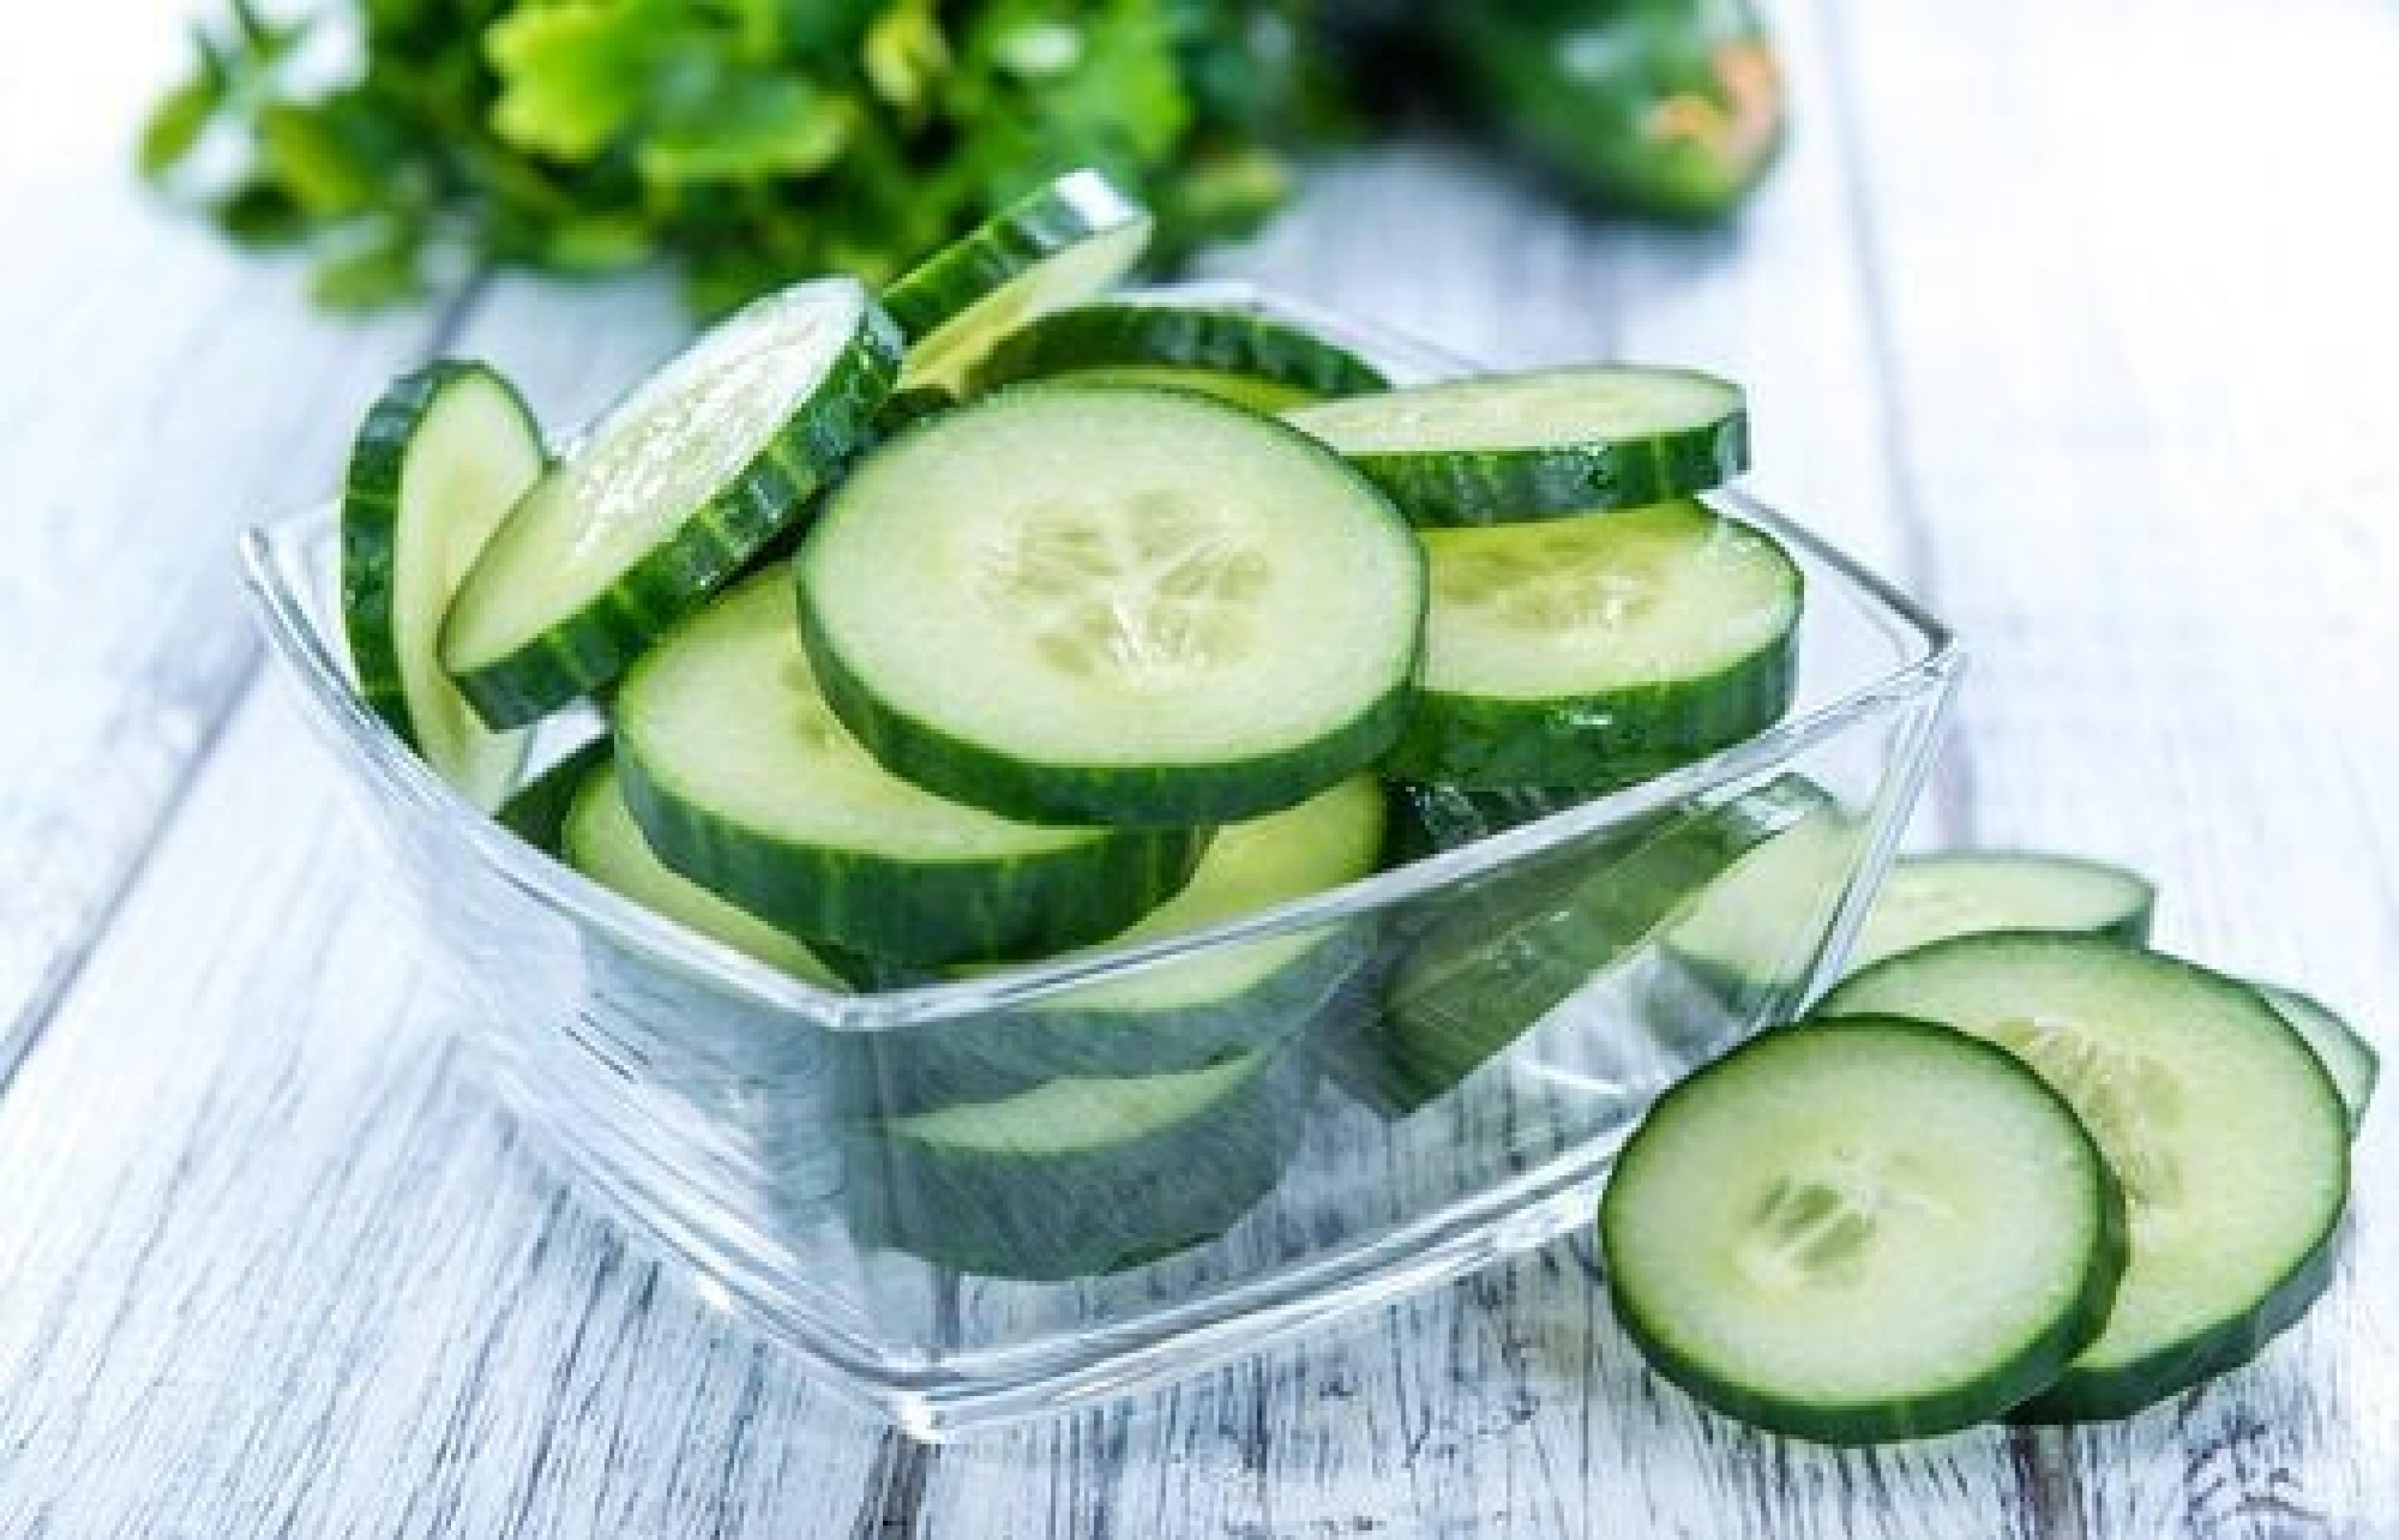 7 thực phẩm giúp chăm sóc da từ bên trong hiệu quả-3